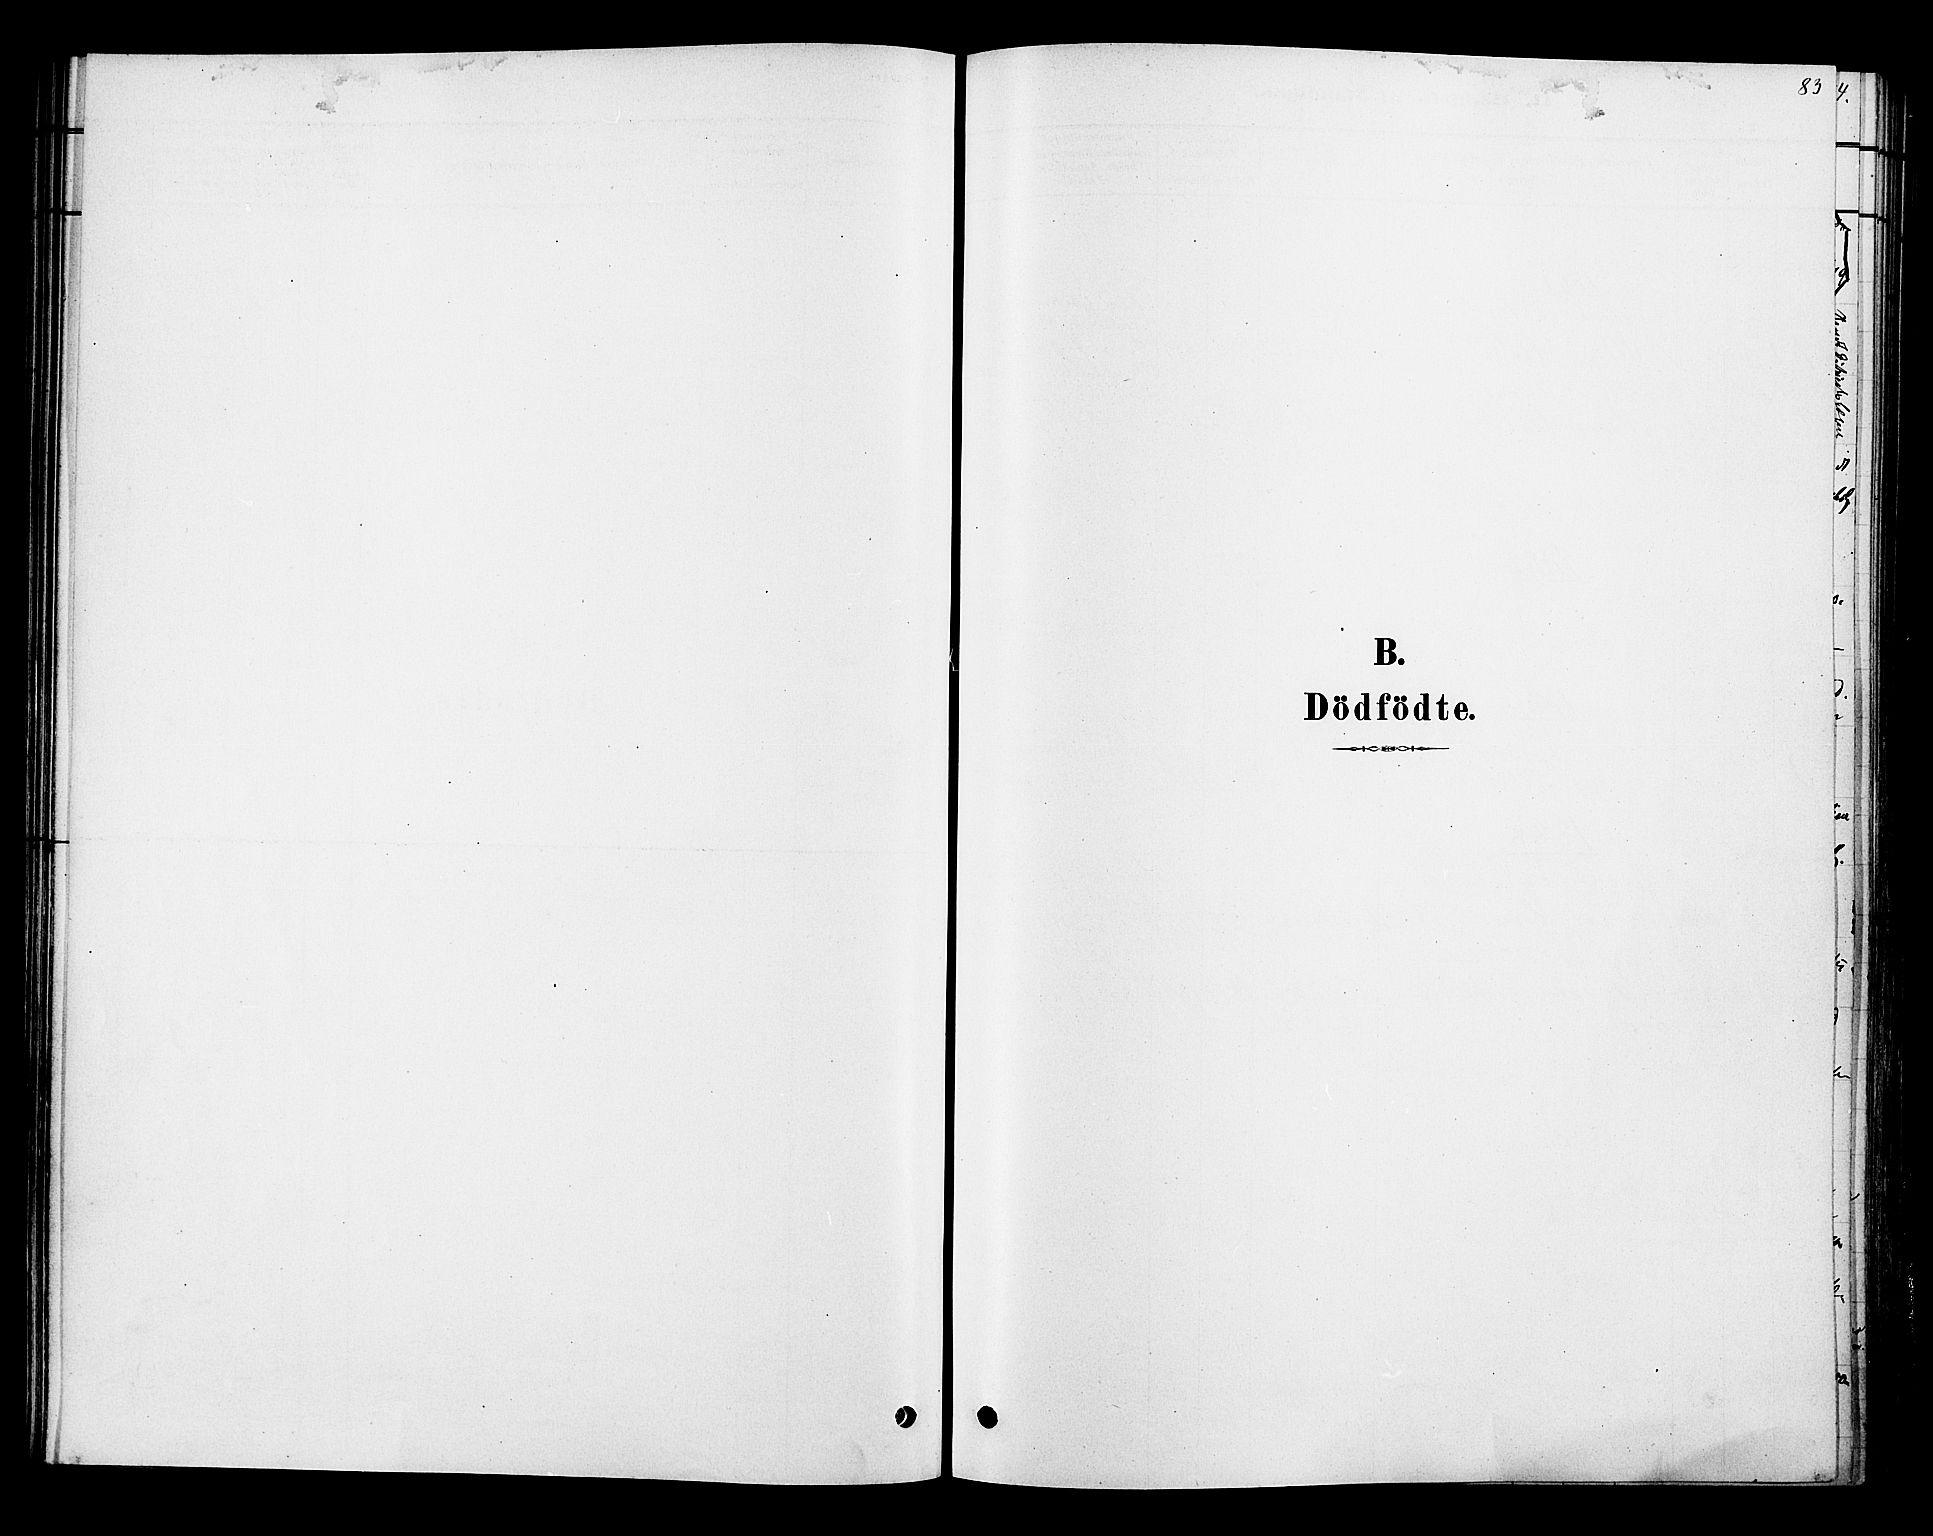 SAH, Ringsaker prestekontor, K/Ka/L0013: Parish register (official) no. 13, 1879-1890, p. 83